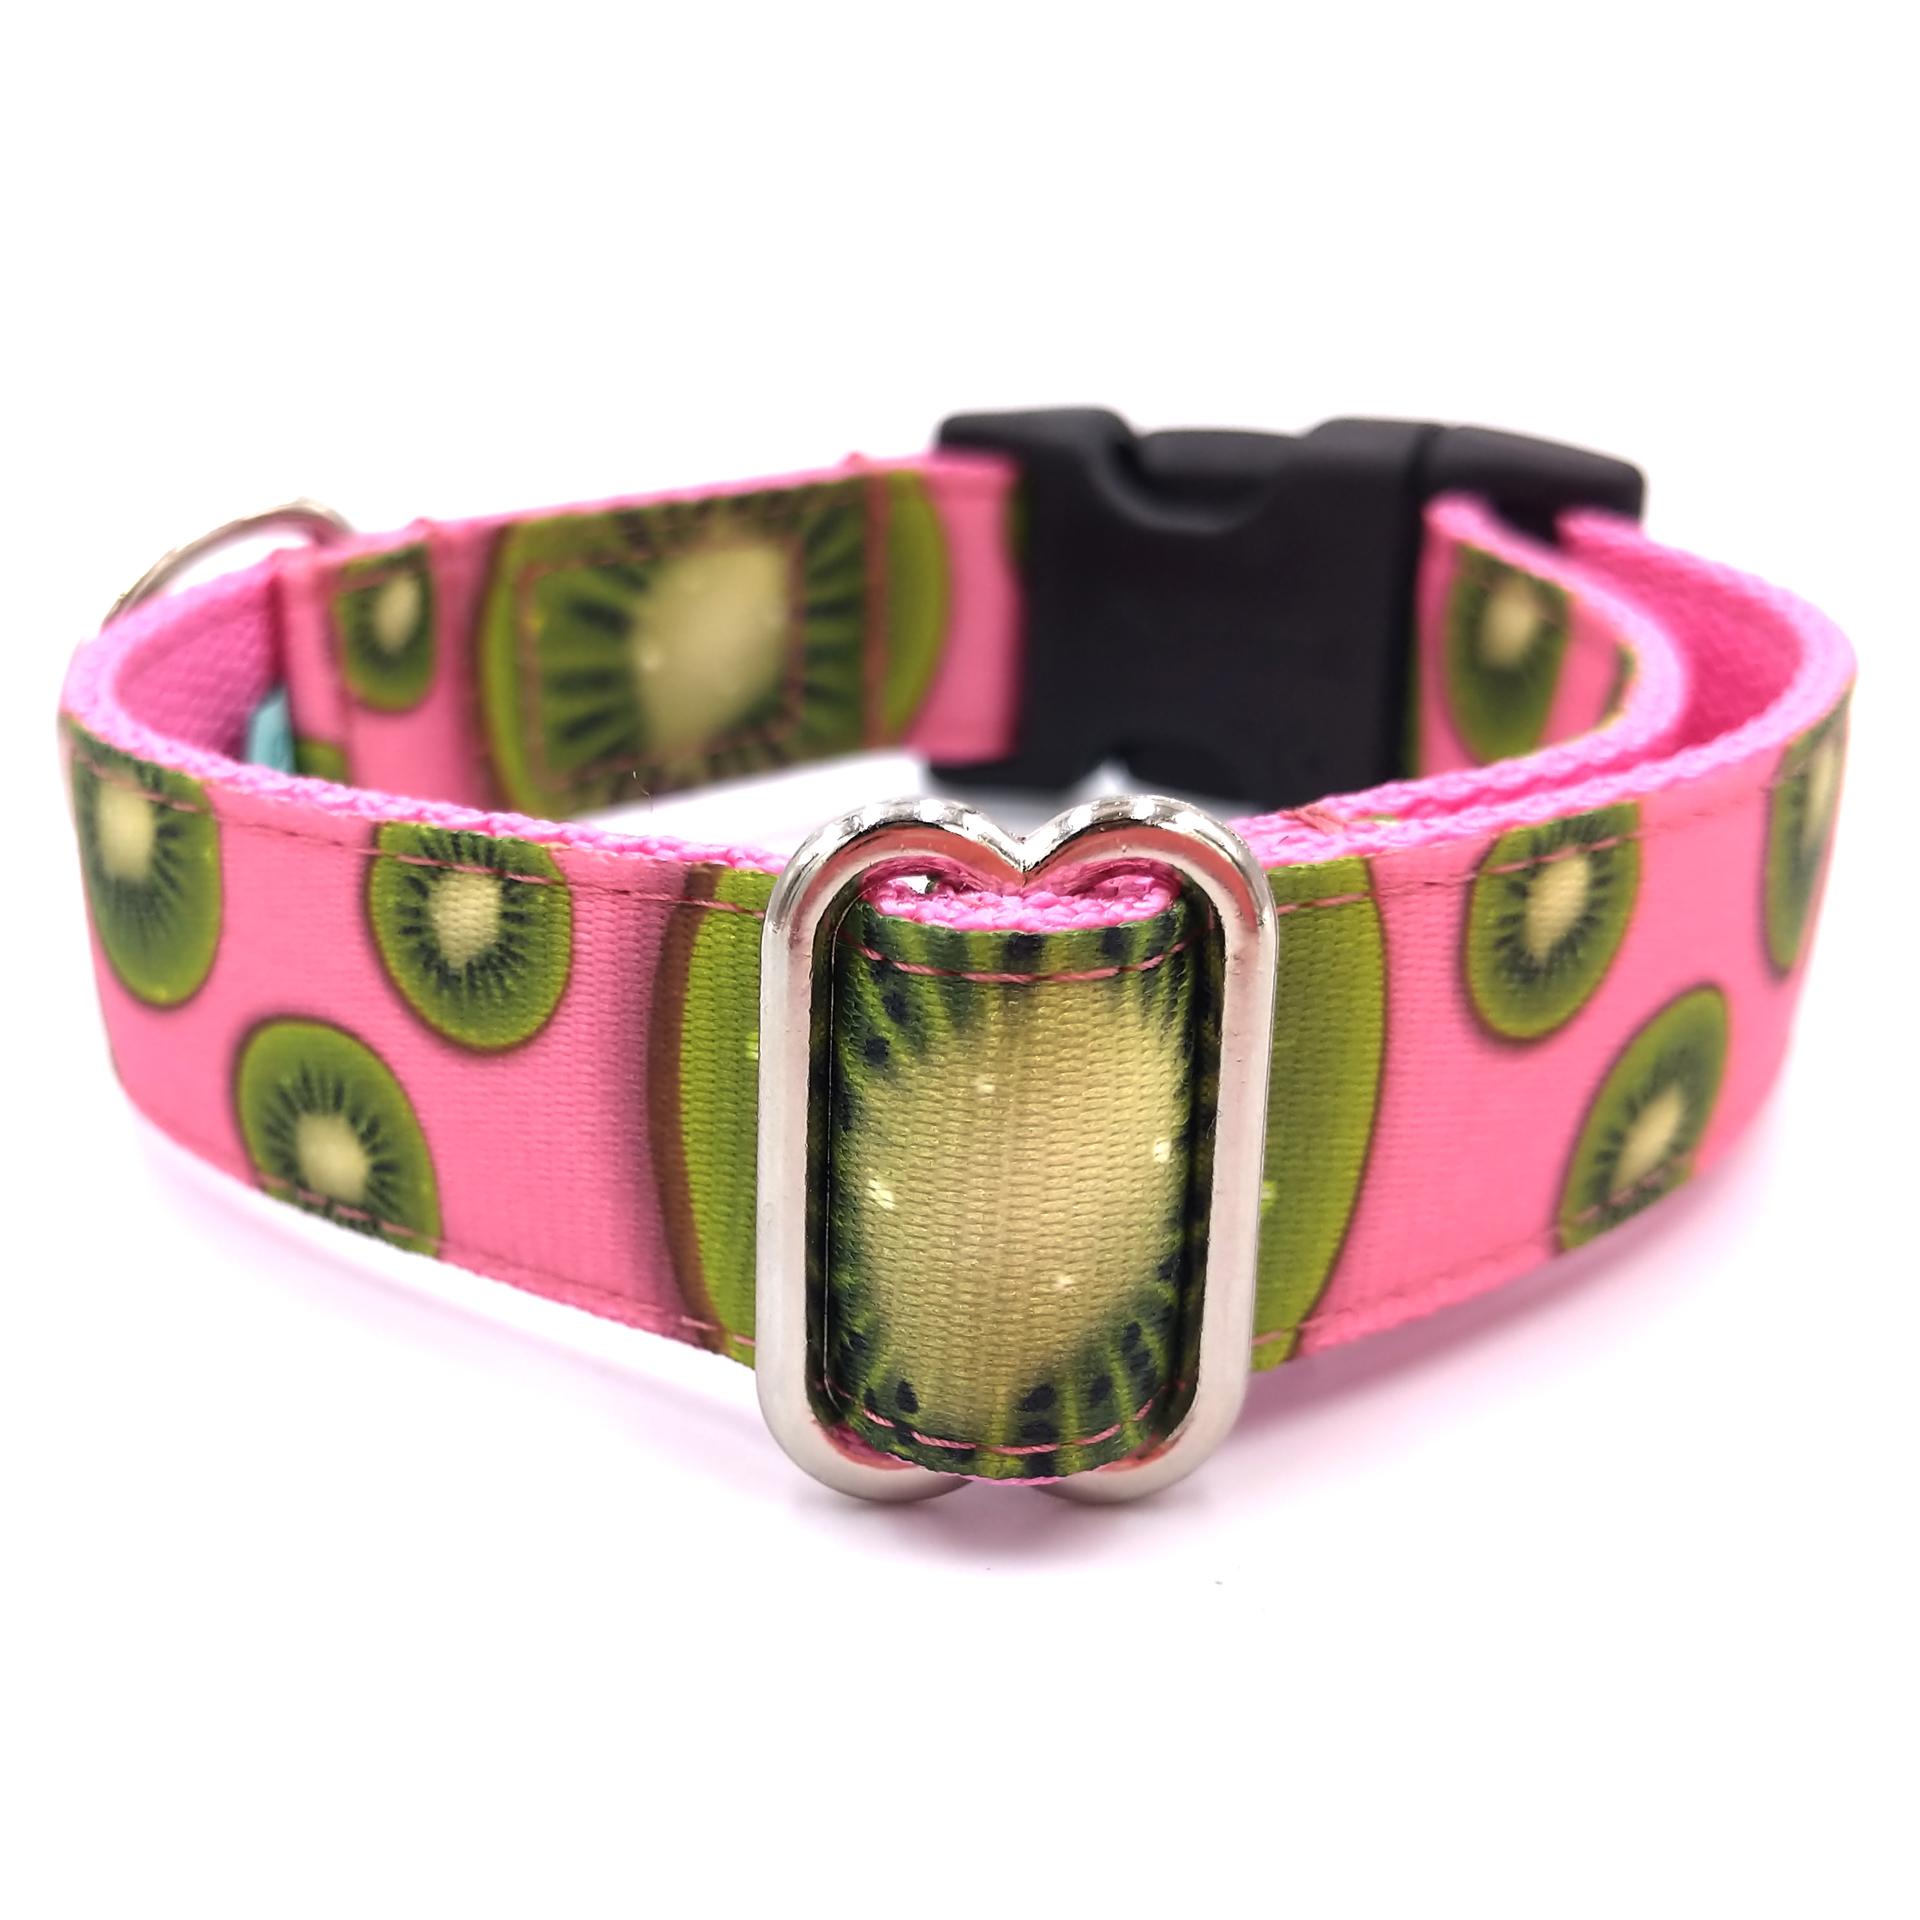 Kiwi dog collar